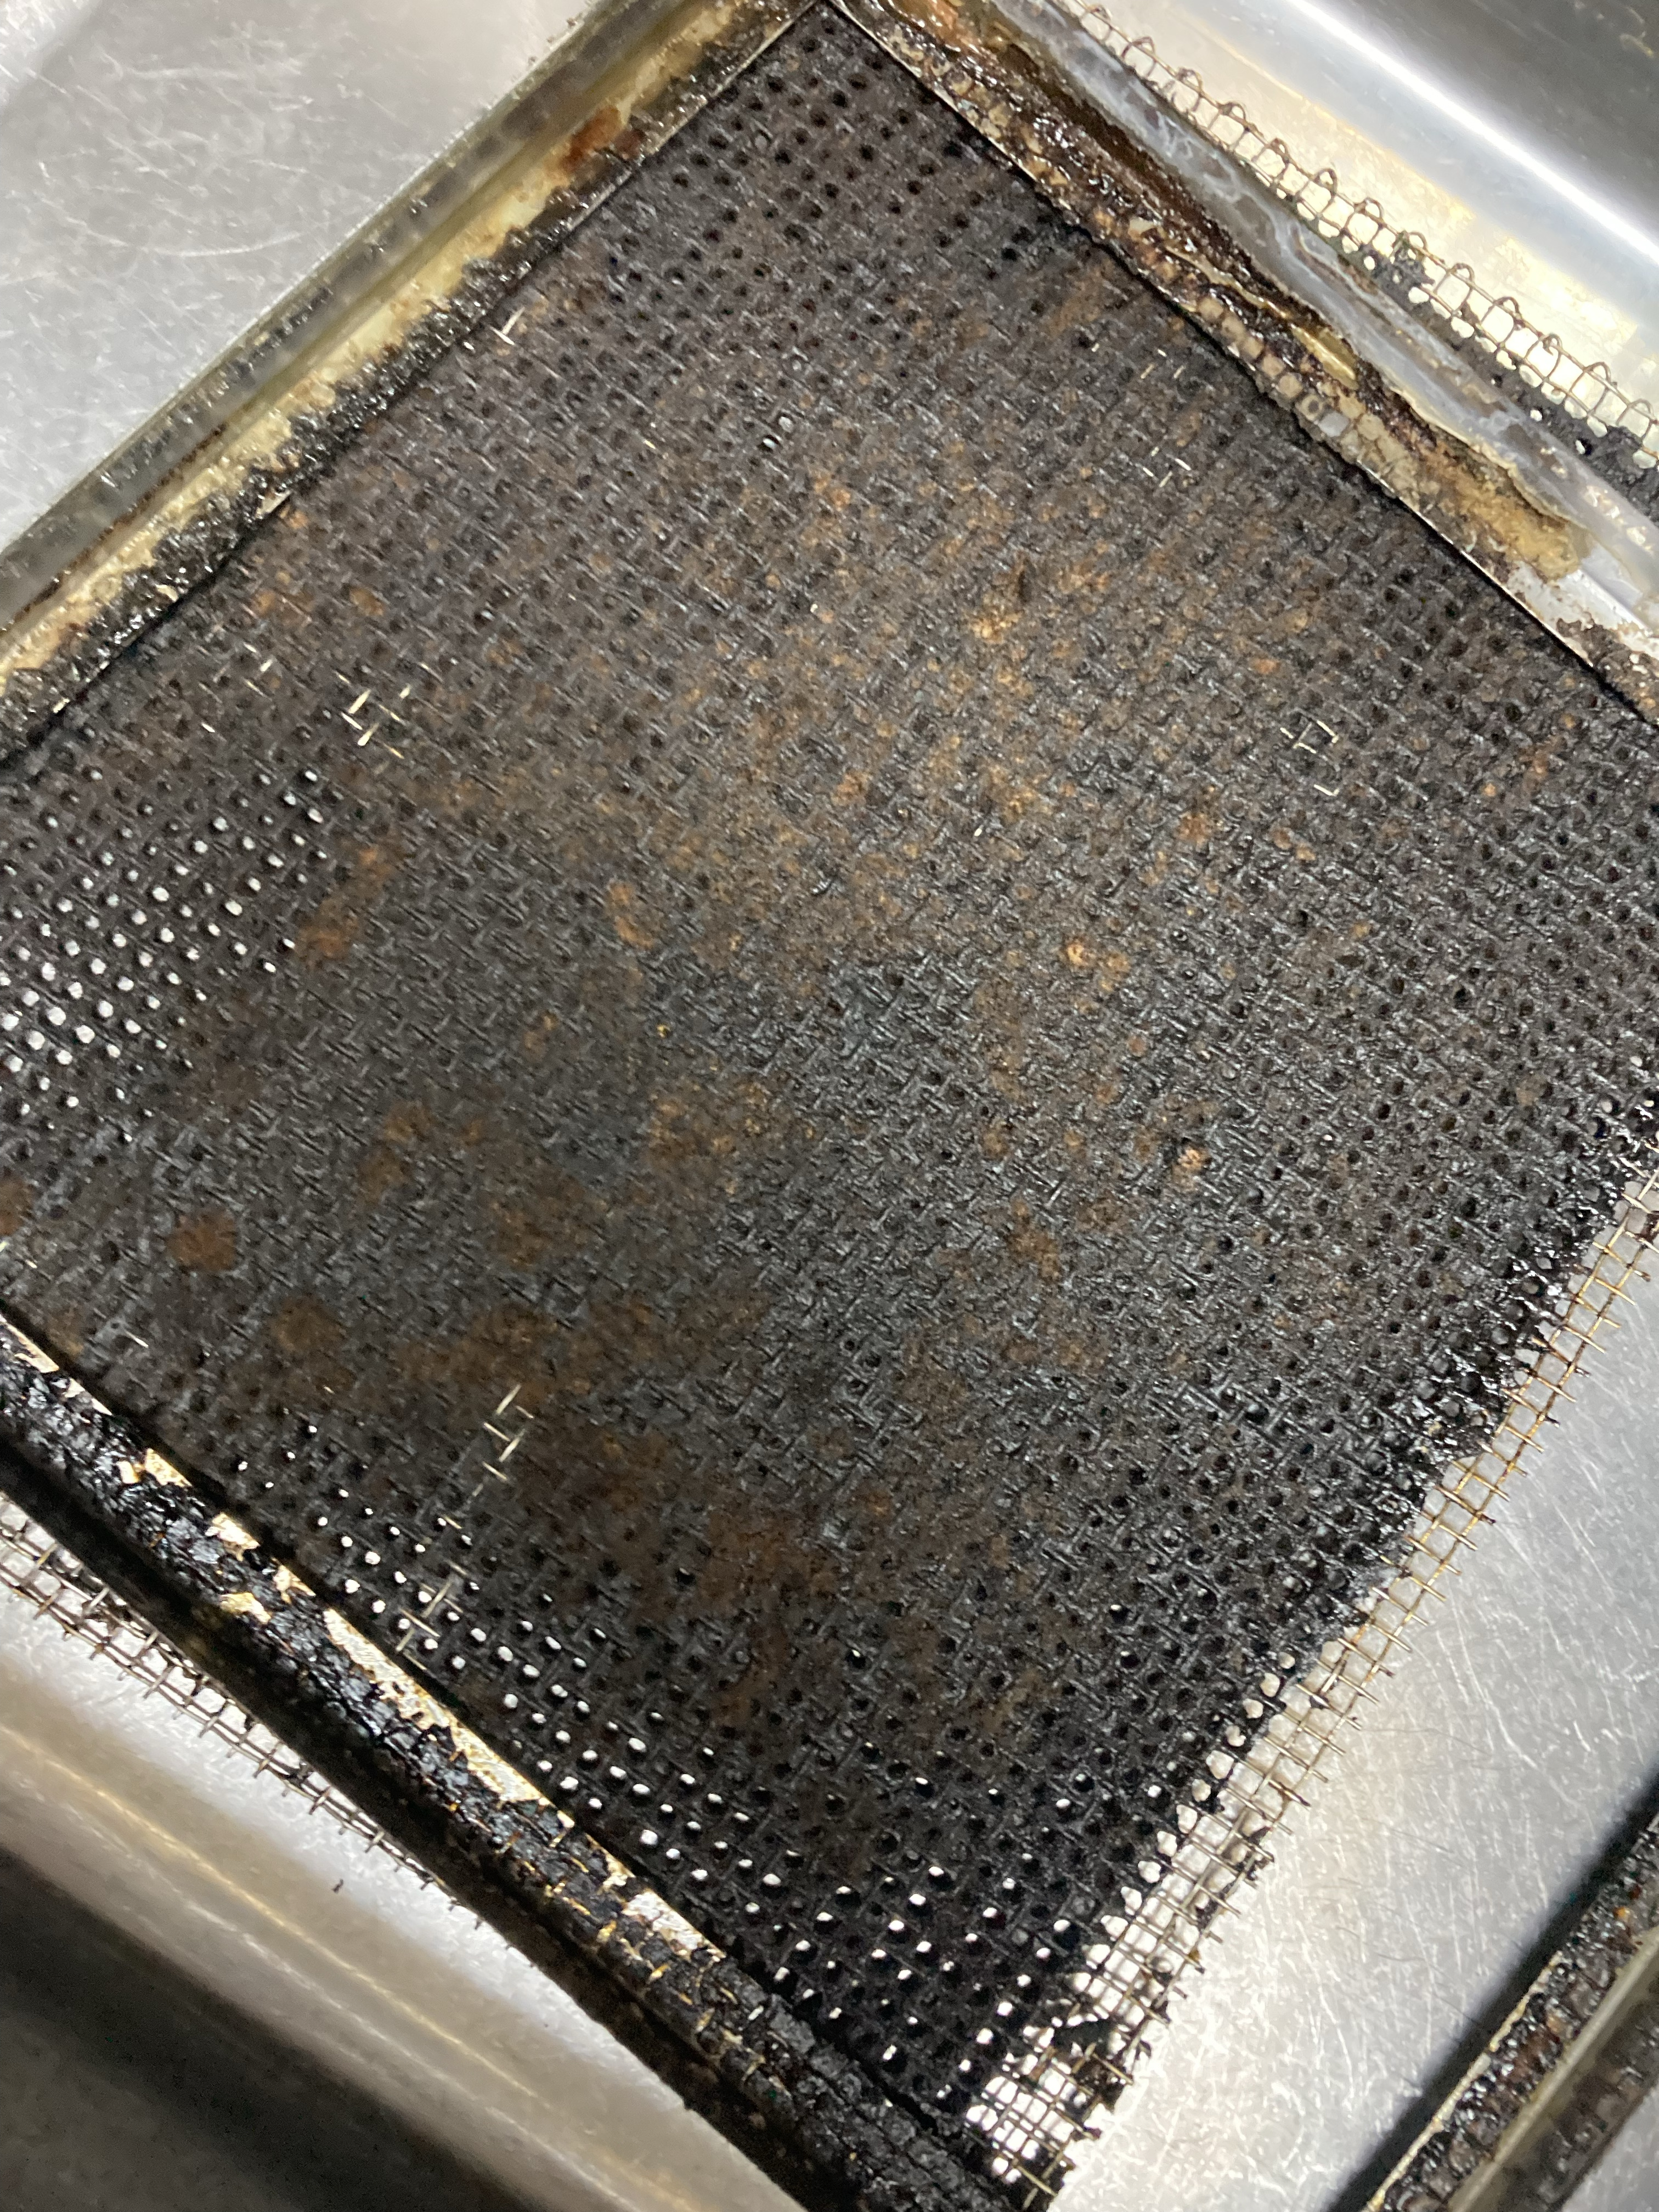 厨房 レンジフード 換気扇 ダクト 排気口 防鳥網 洗浄